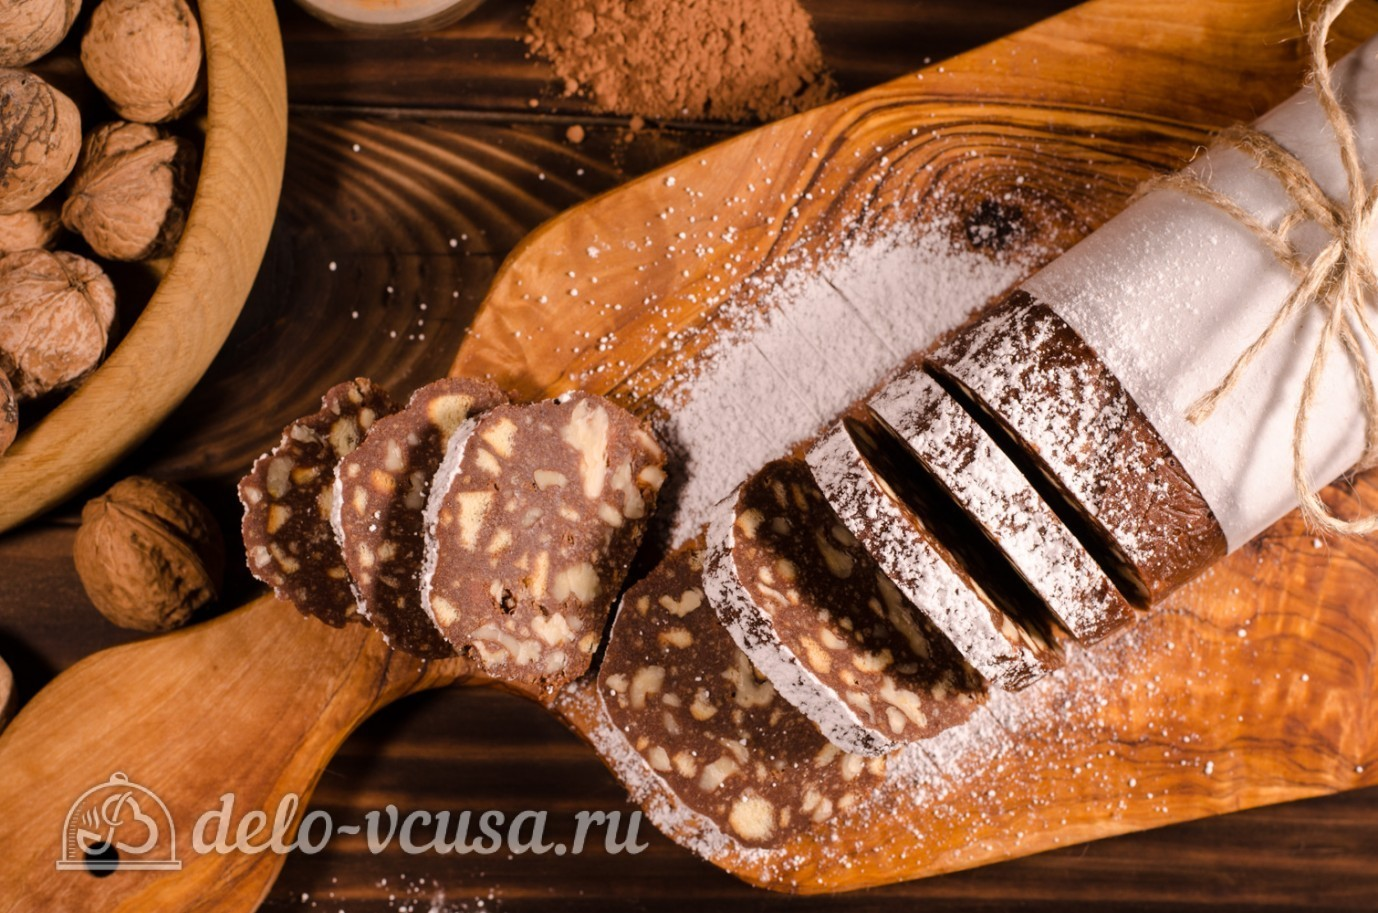 Колбаска сладкая из печенья рецепт пошагово